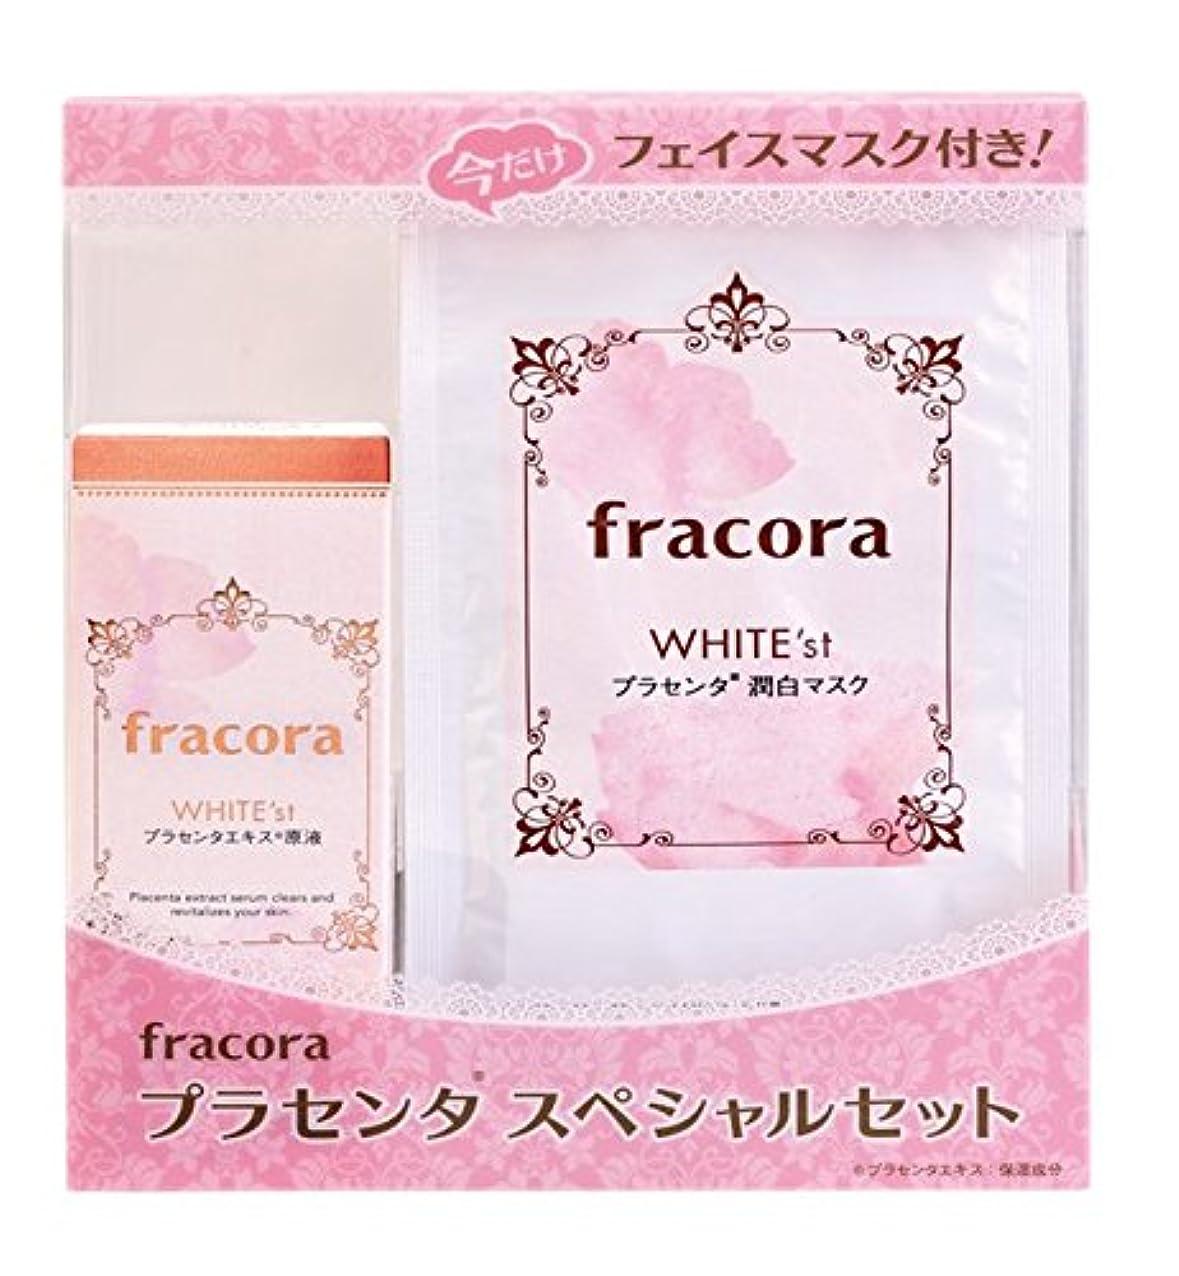 強調するマーキング拍手【数量限定】フラコラ WHITE'st プラセンタ スペシャルセット2017